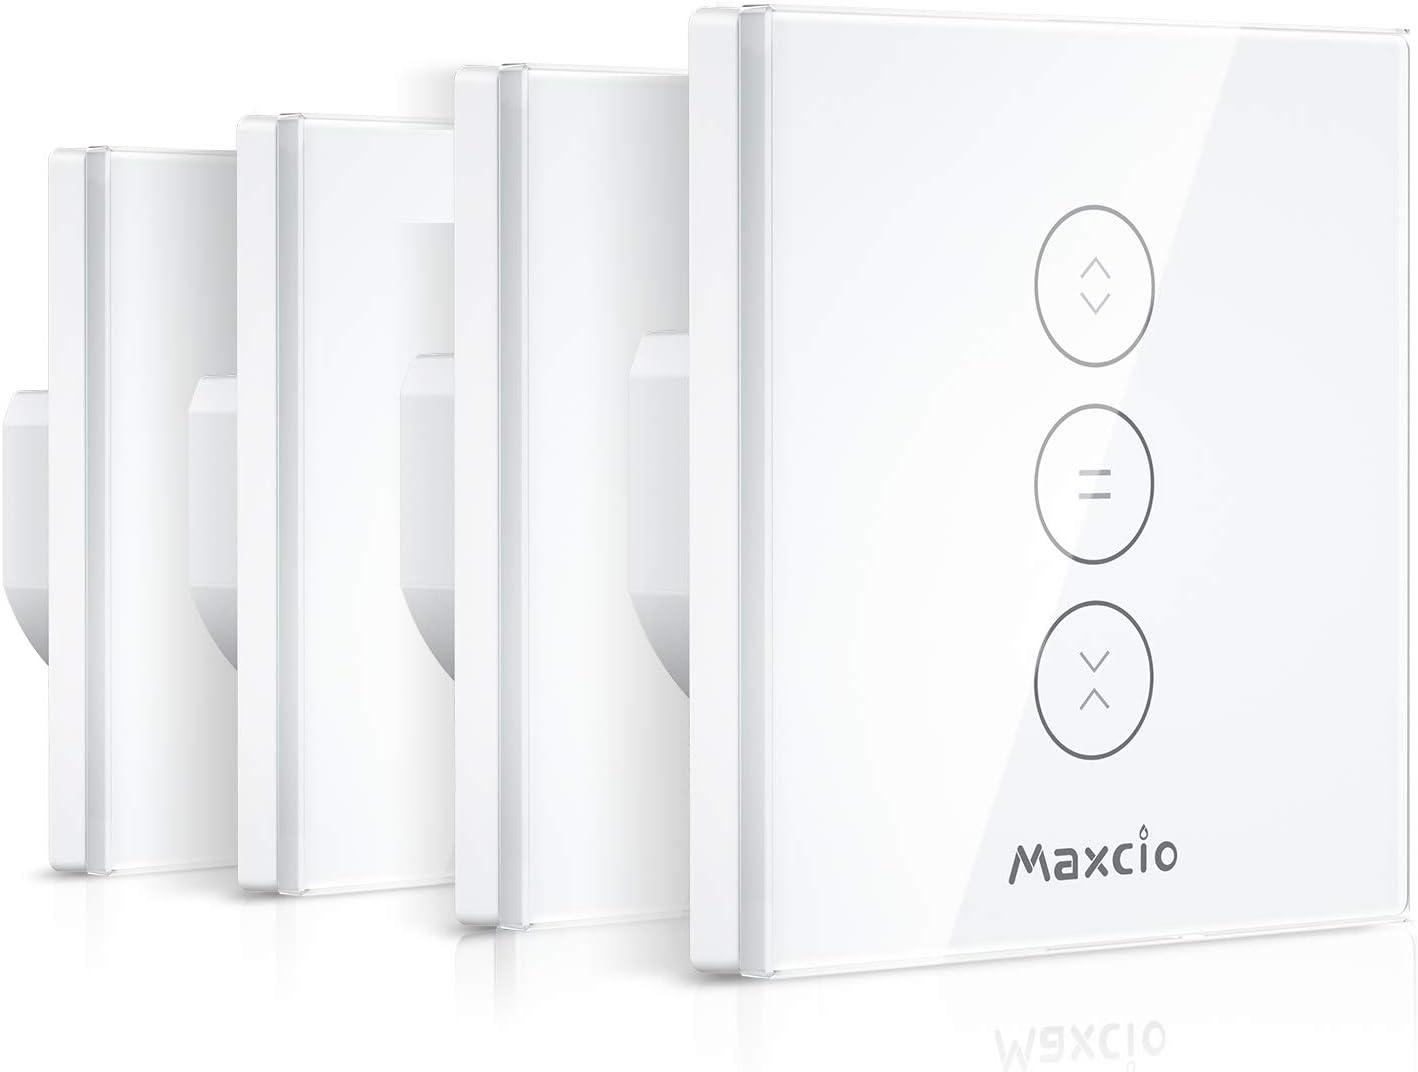 【LED Controlable】Alexa Interruptor Persiana, Maxcio Interruptor Inteligente Control por WiFi y Voz Compatible con Alexa y Google Home con Temporizador para Motor Tubular de Cortinas, 4 Piezas